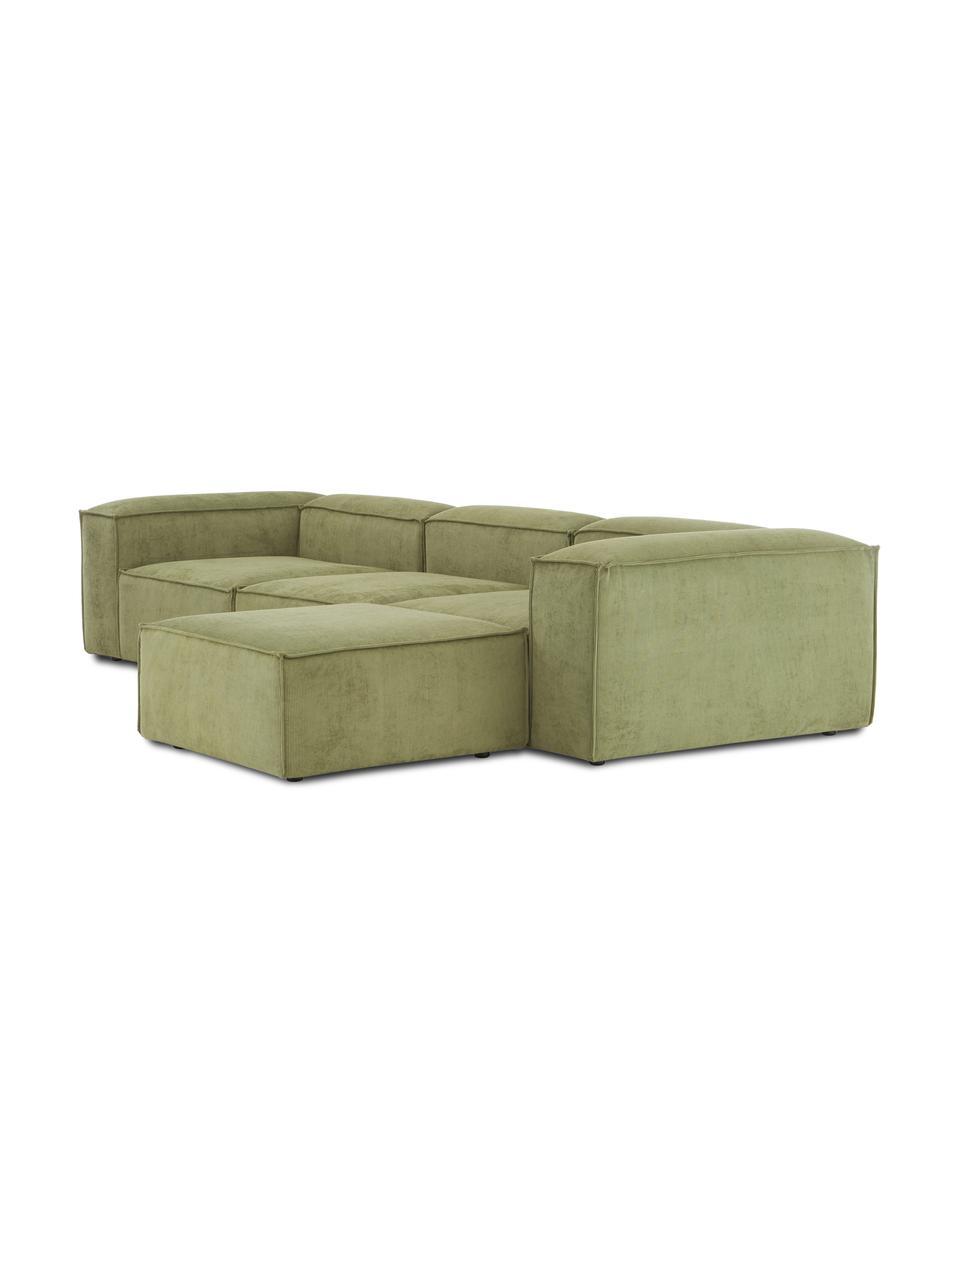 Modulares Sofa Lennon (4-Sitzer) mit Hocker in Grün aus Cord, Bezug: Cord (92% Polyester, 8% P, Gestell: Massives Kiefernholz, Spe, Füße: Kunststoff Die Füße befin, Cord Grün, B 327 x T 207 cm